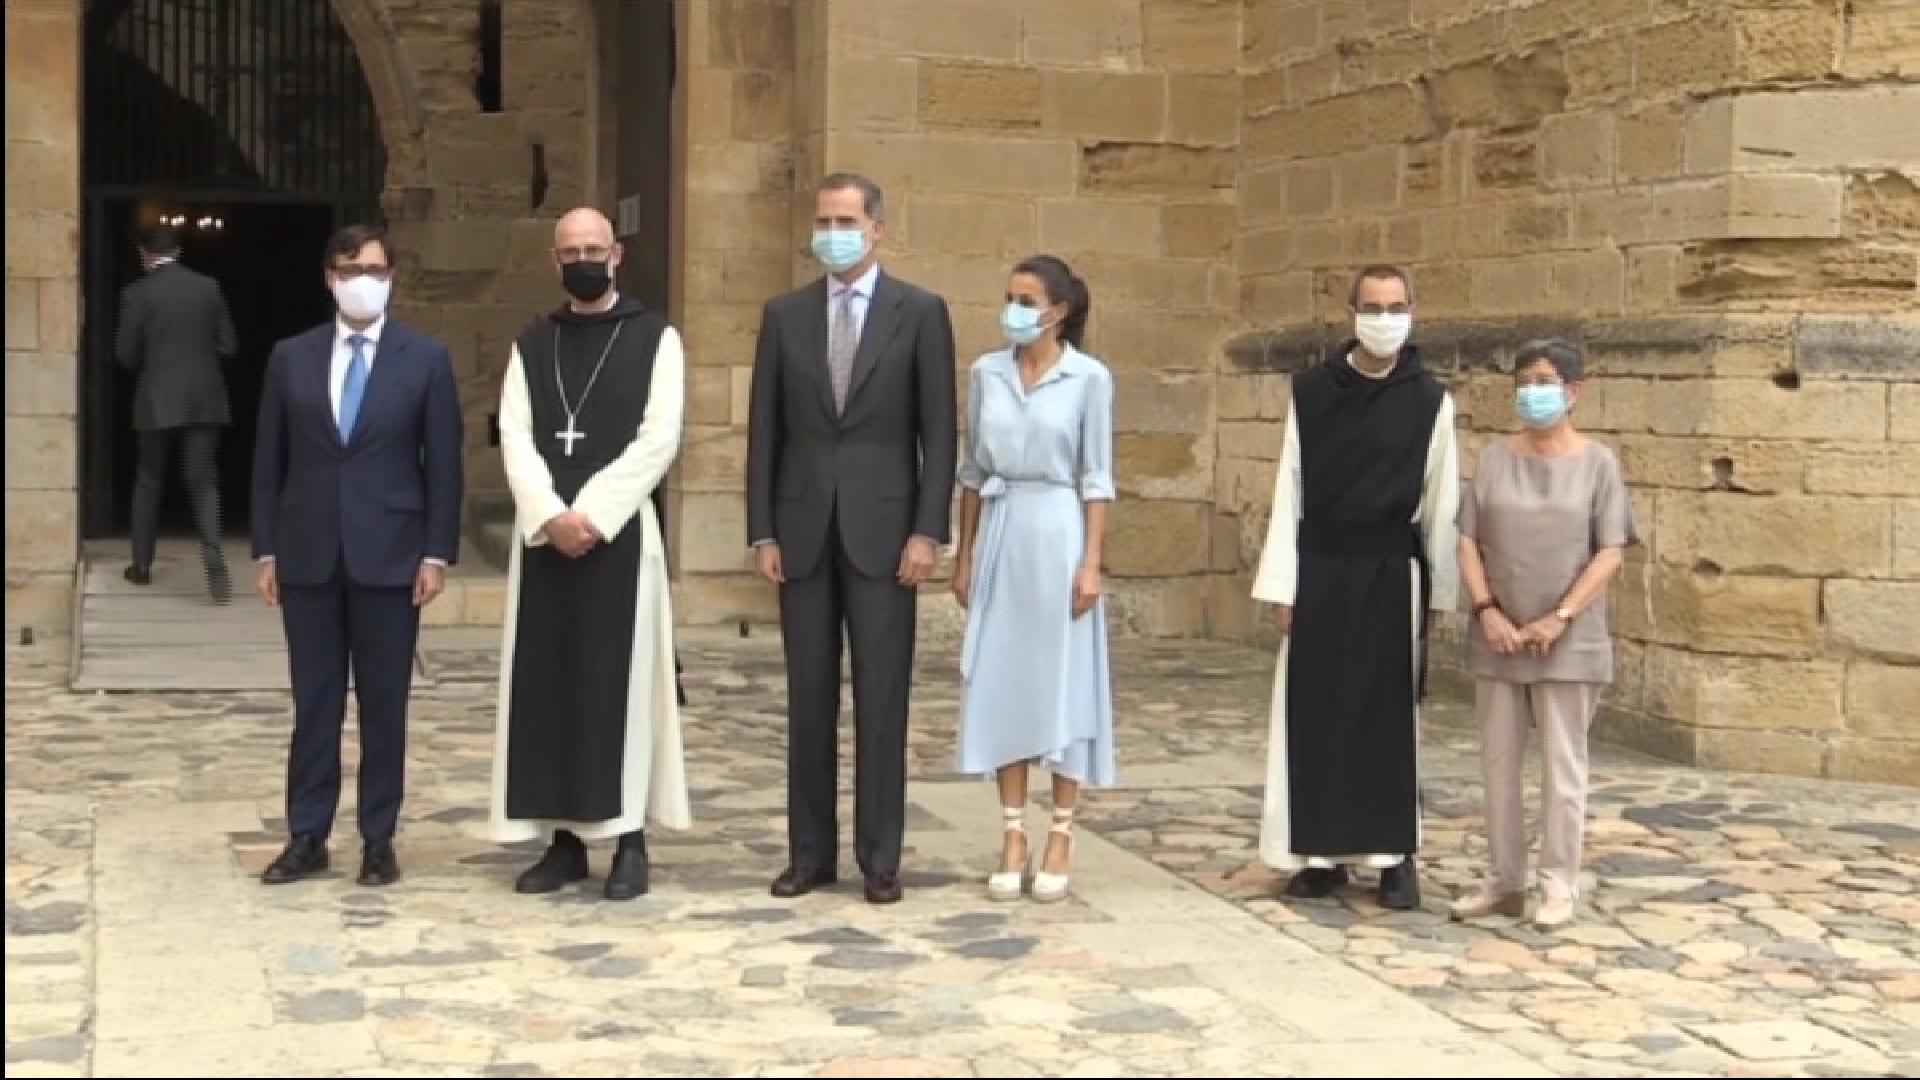 Els+reis+visiten+el+monestir+de+Poblet+a+Catalunya